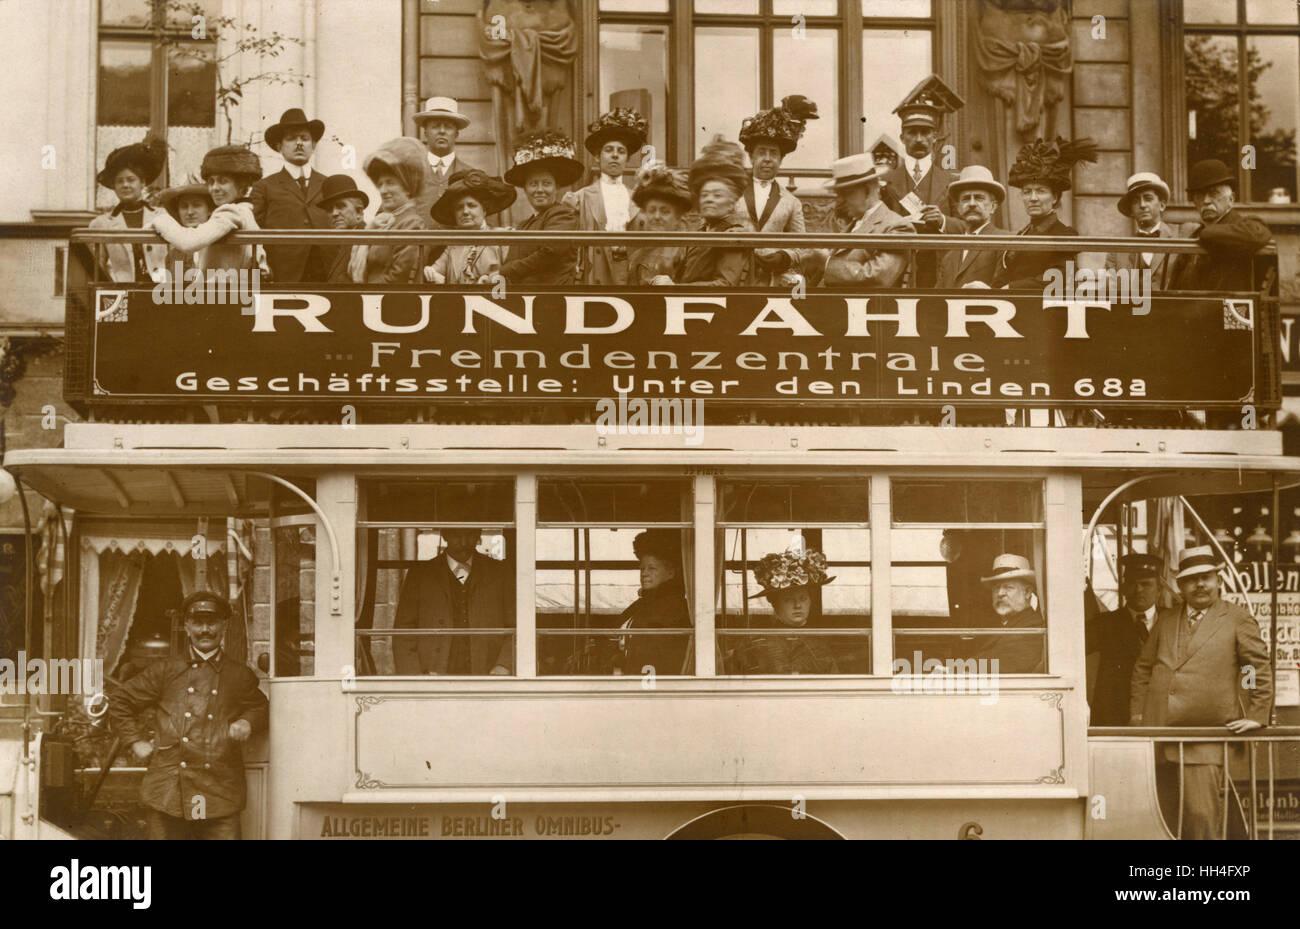 Alemania, Berlín - Viaje de Ida y vuelta o de viajes turísticos Omnibus. Imagen De Stock